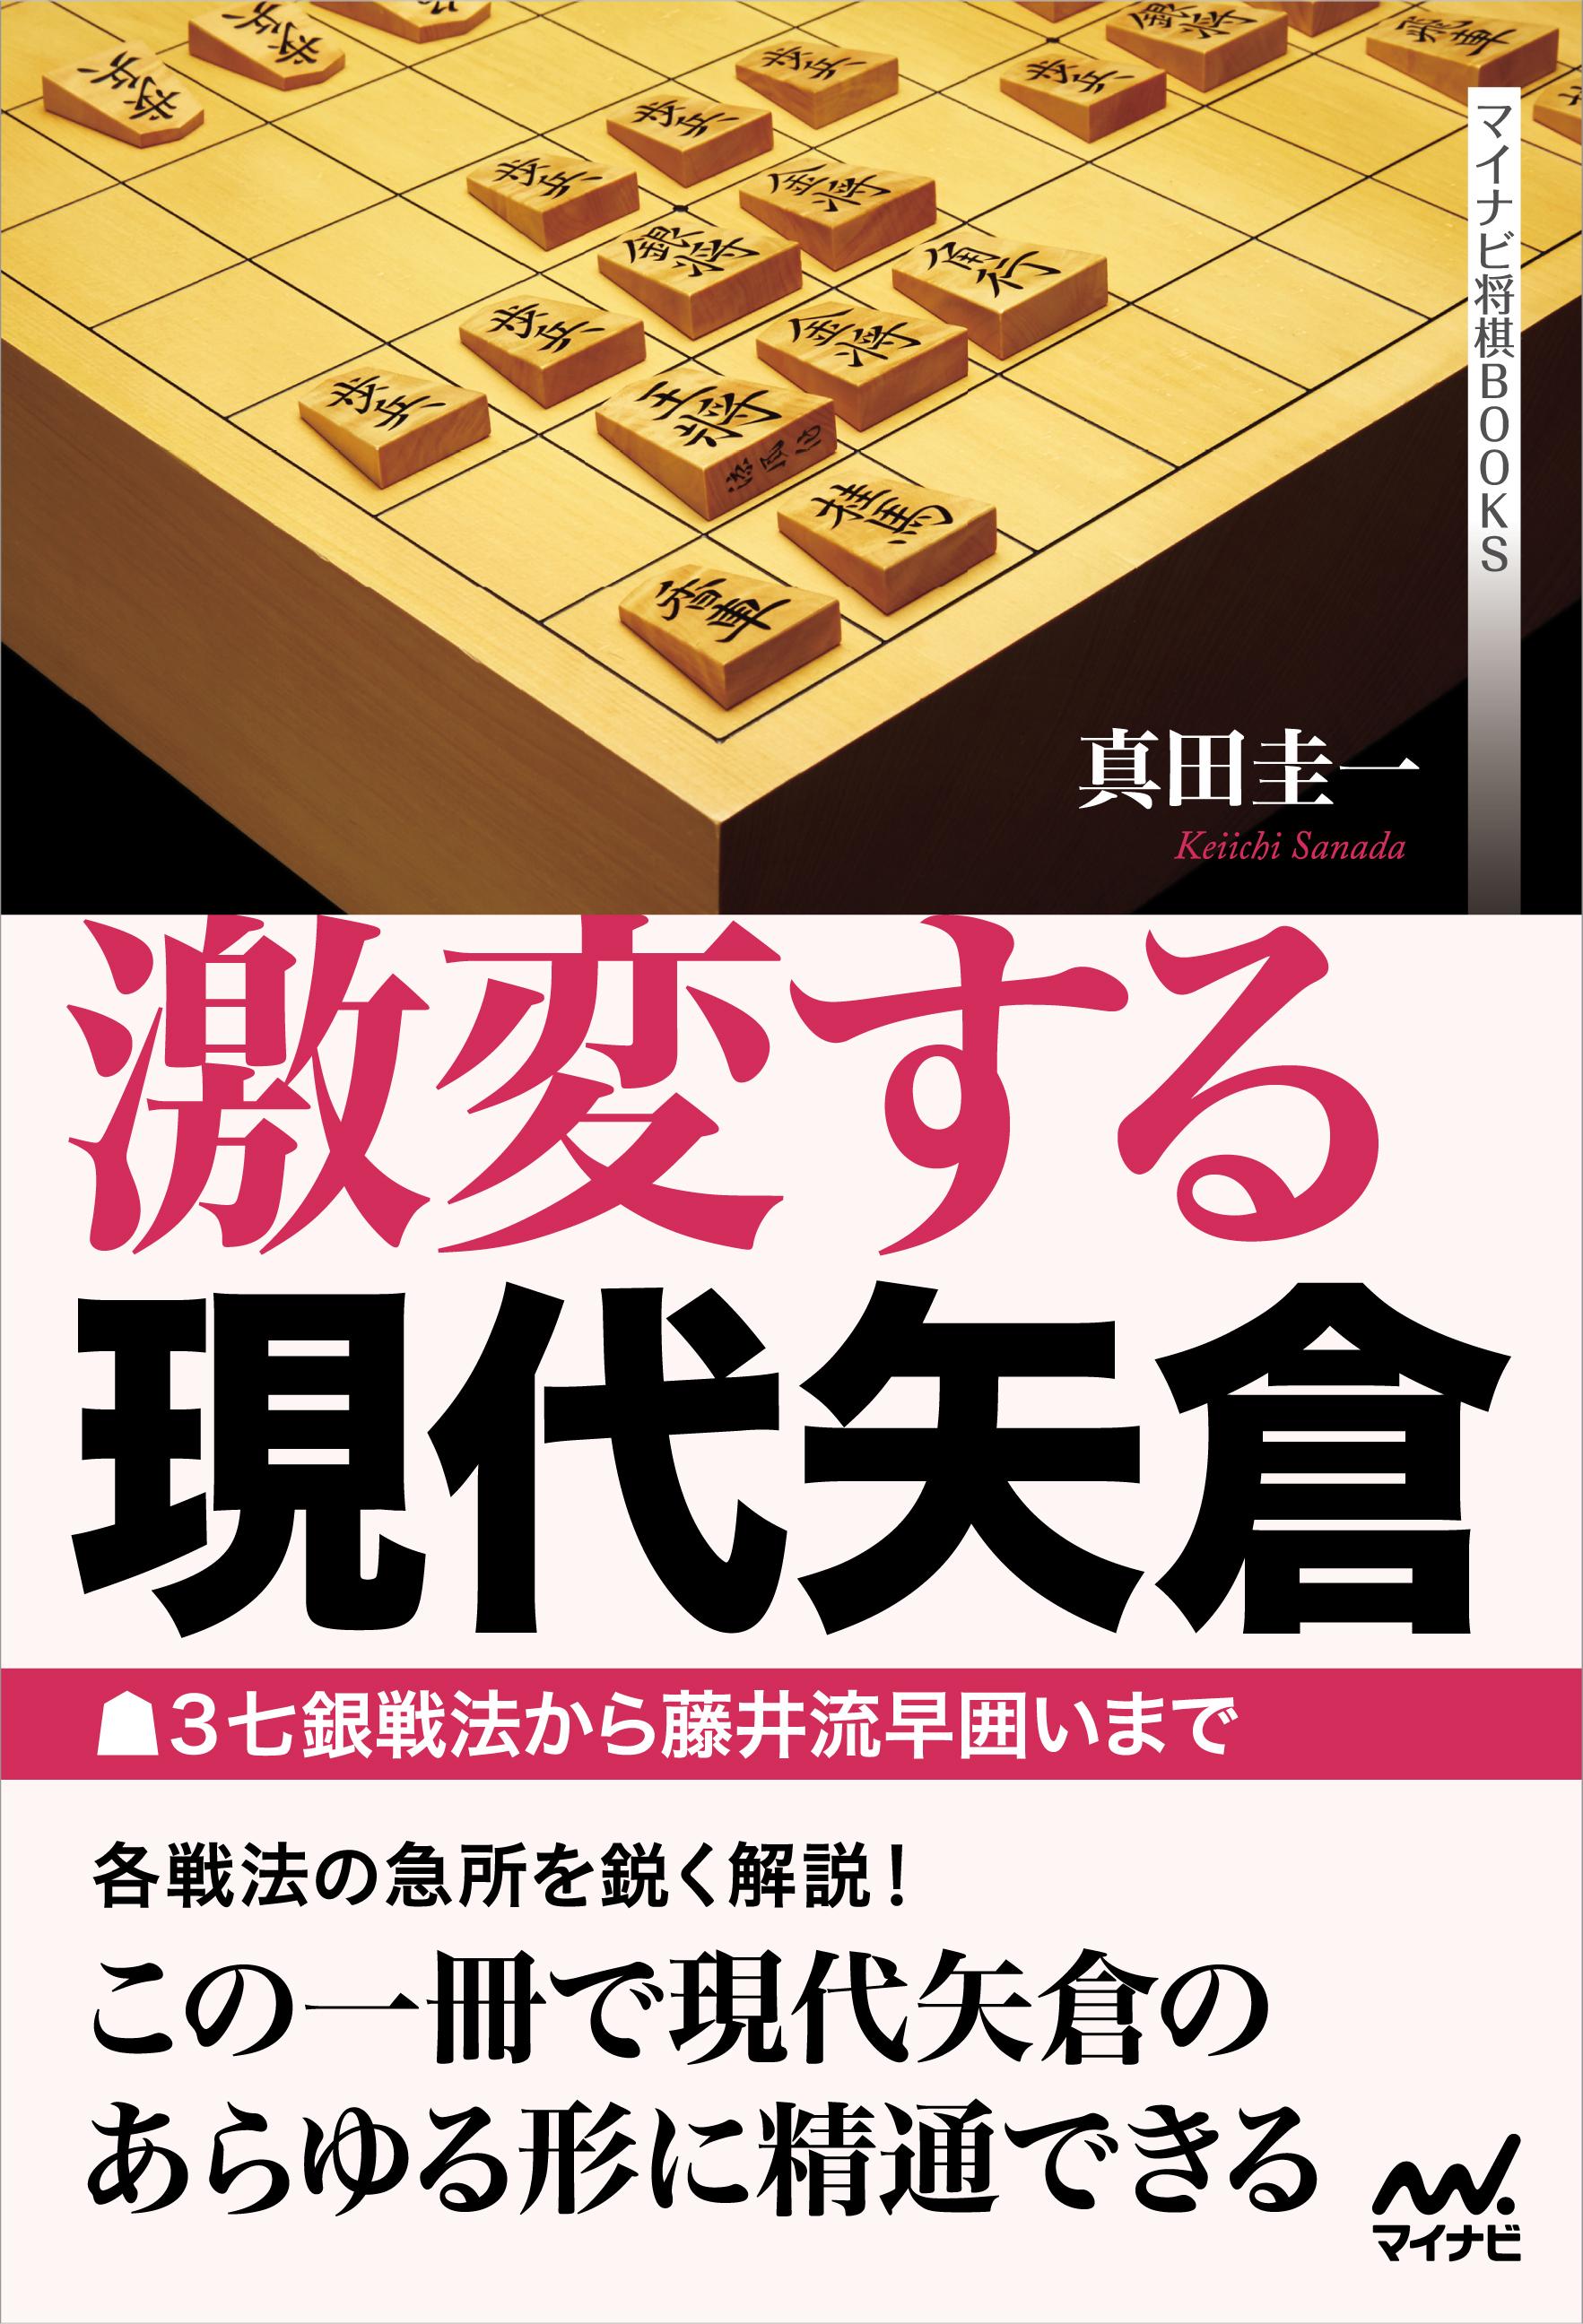 新刊案内「激変する現代矢倉 ~△...